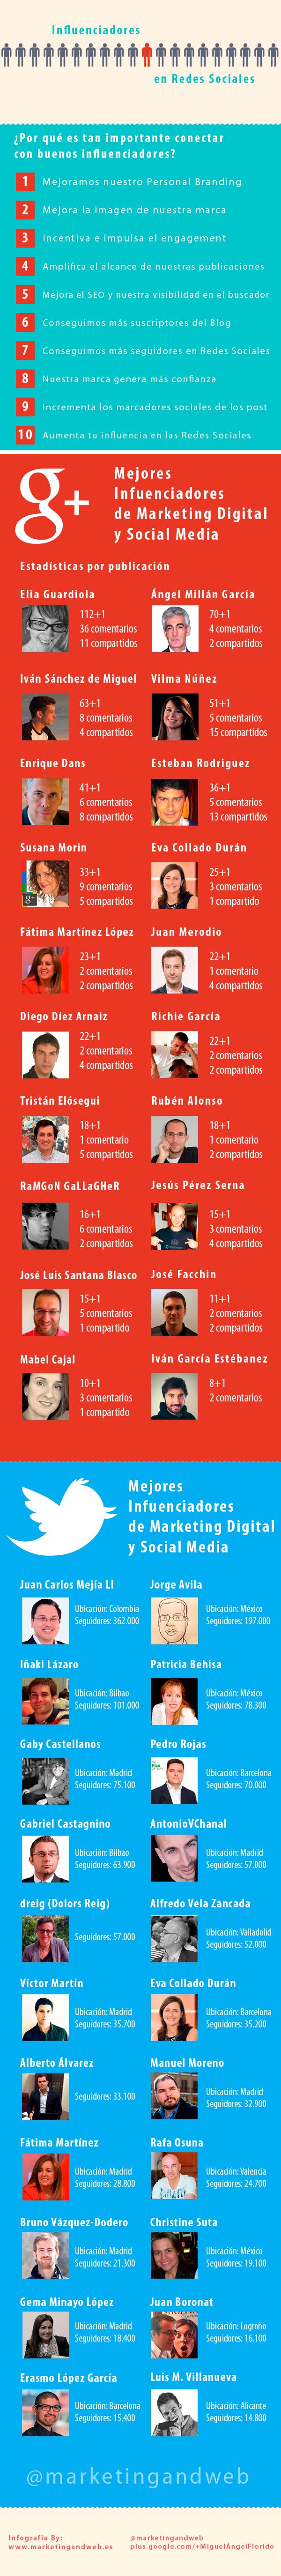 Cuentas más influenciadoras en Redes Sociales y Marketing Digital - Infografia en español